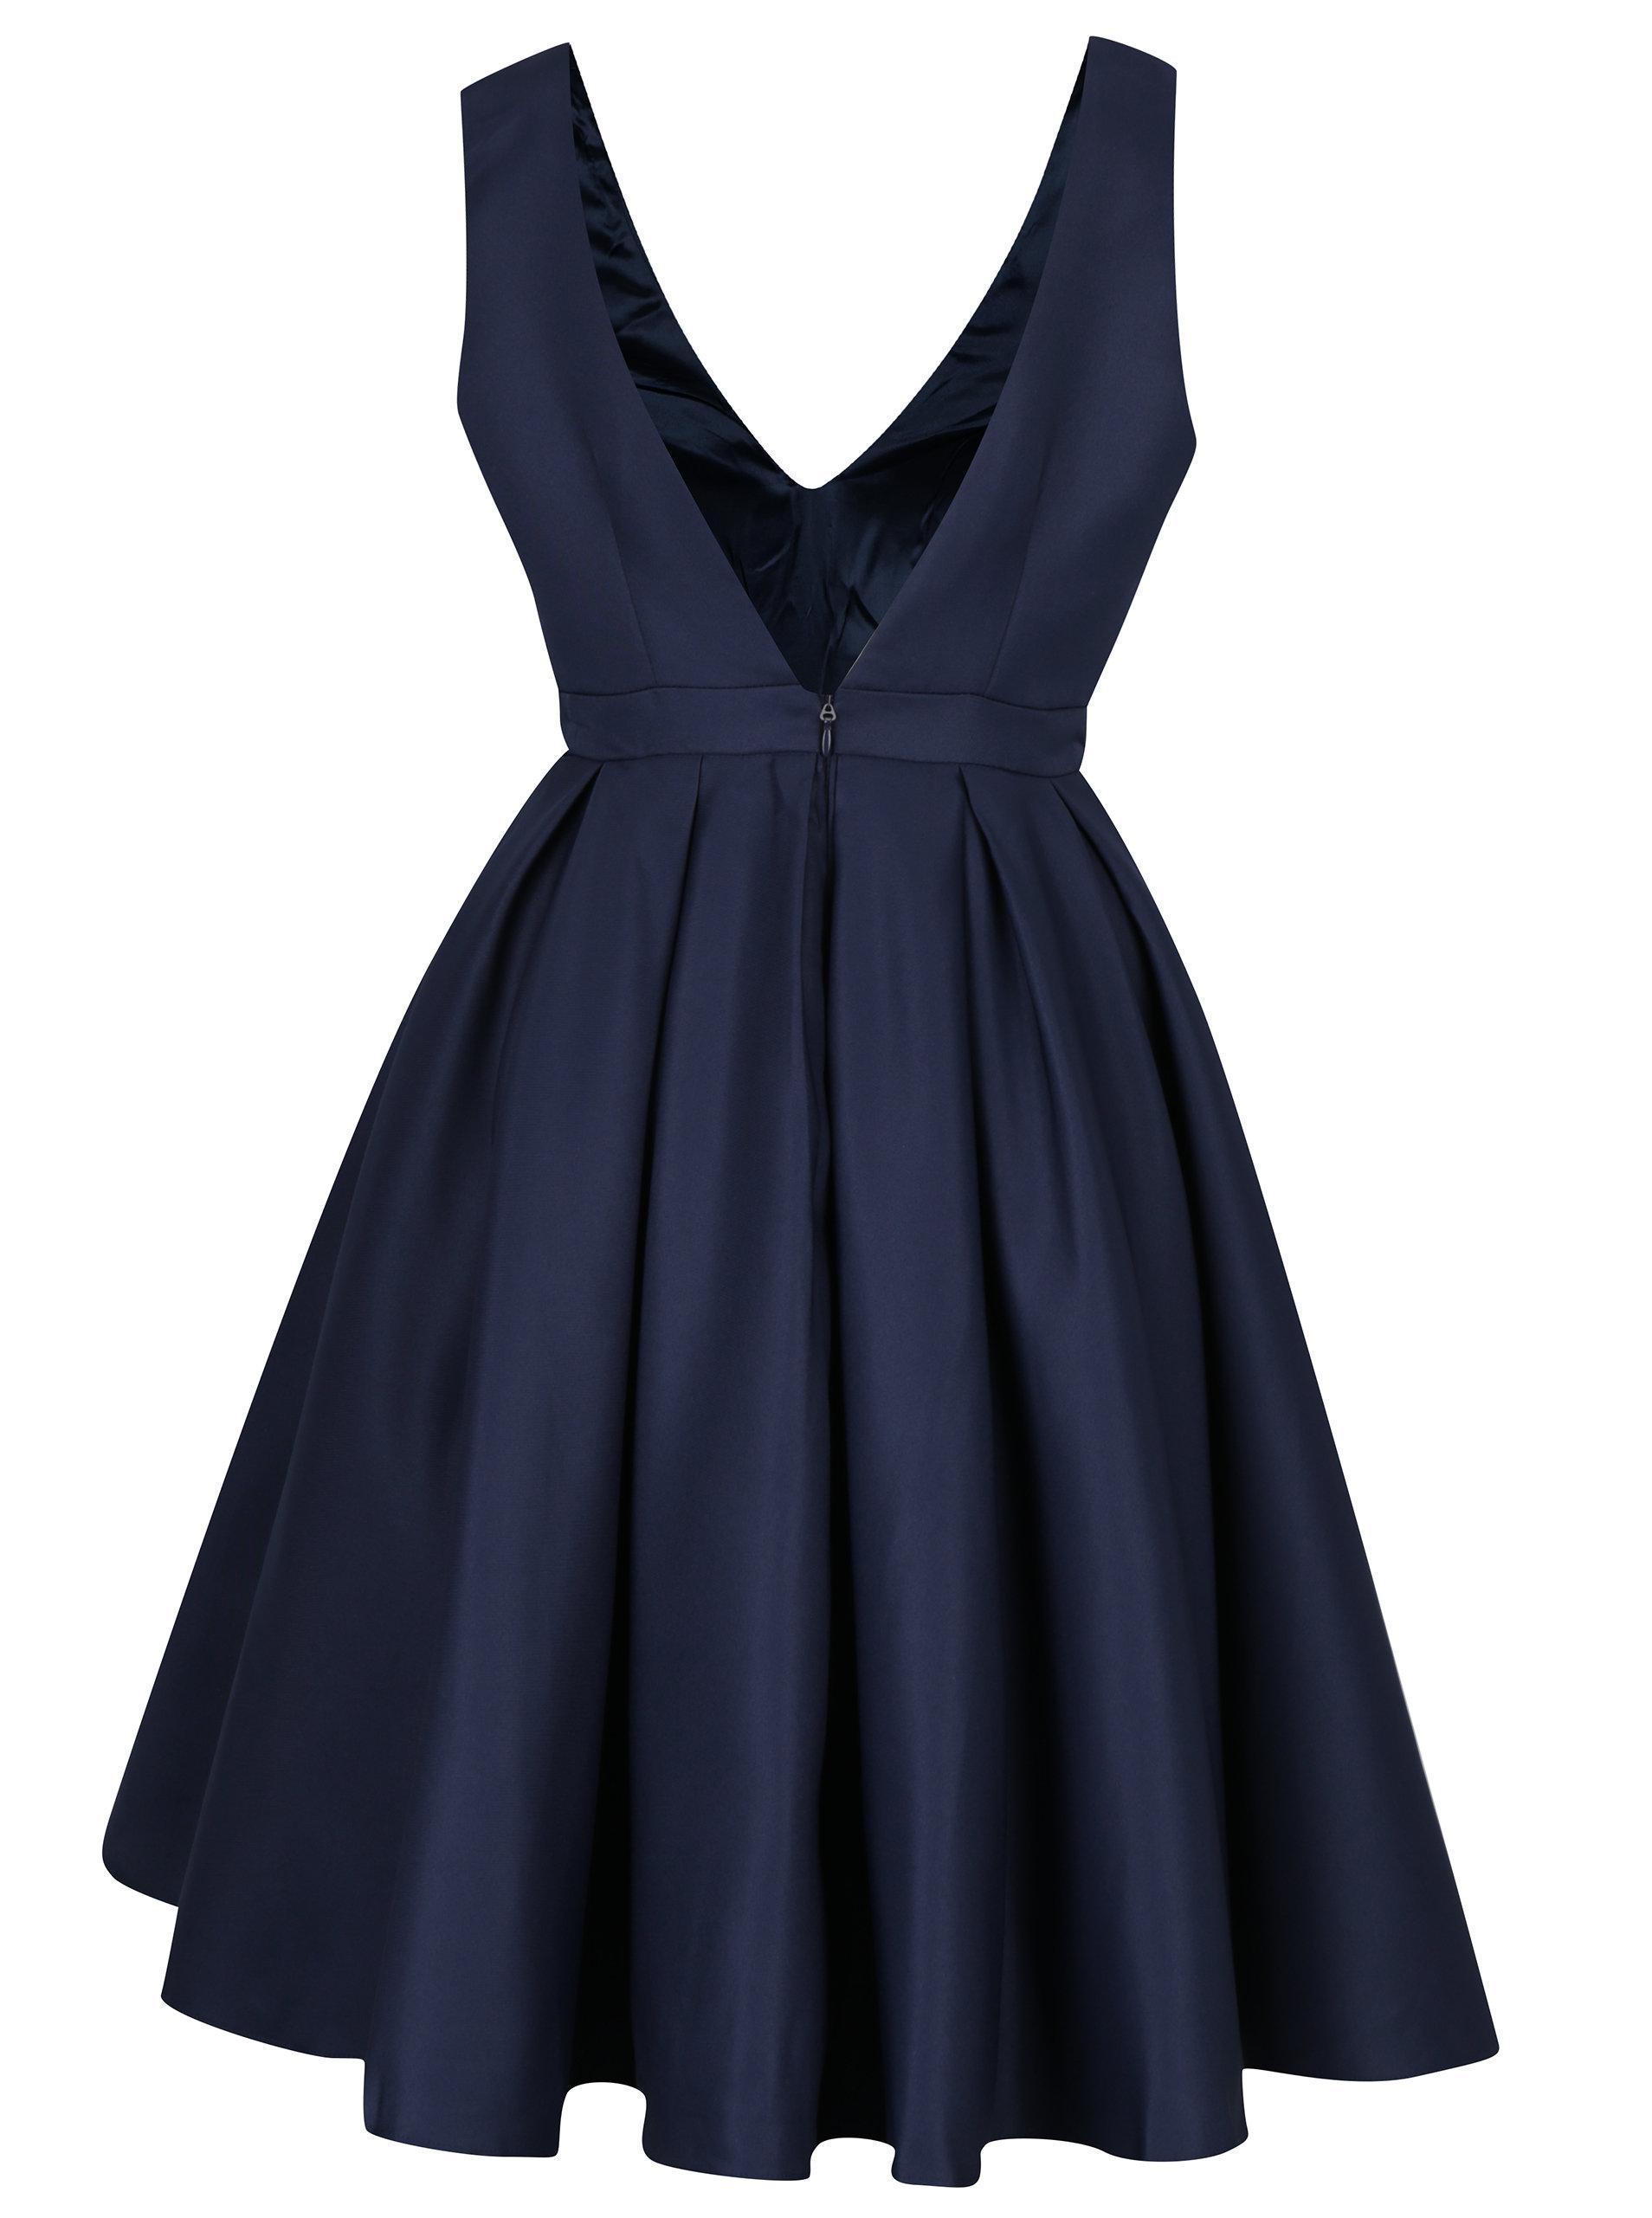 334c0111b2a9 Tmavomodré šaty s výstrihom na chrbte Chi Chi London Zara ...